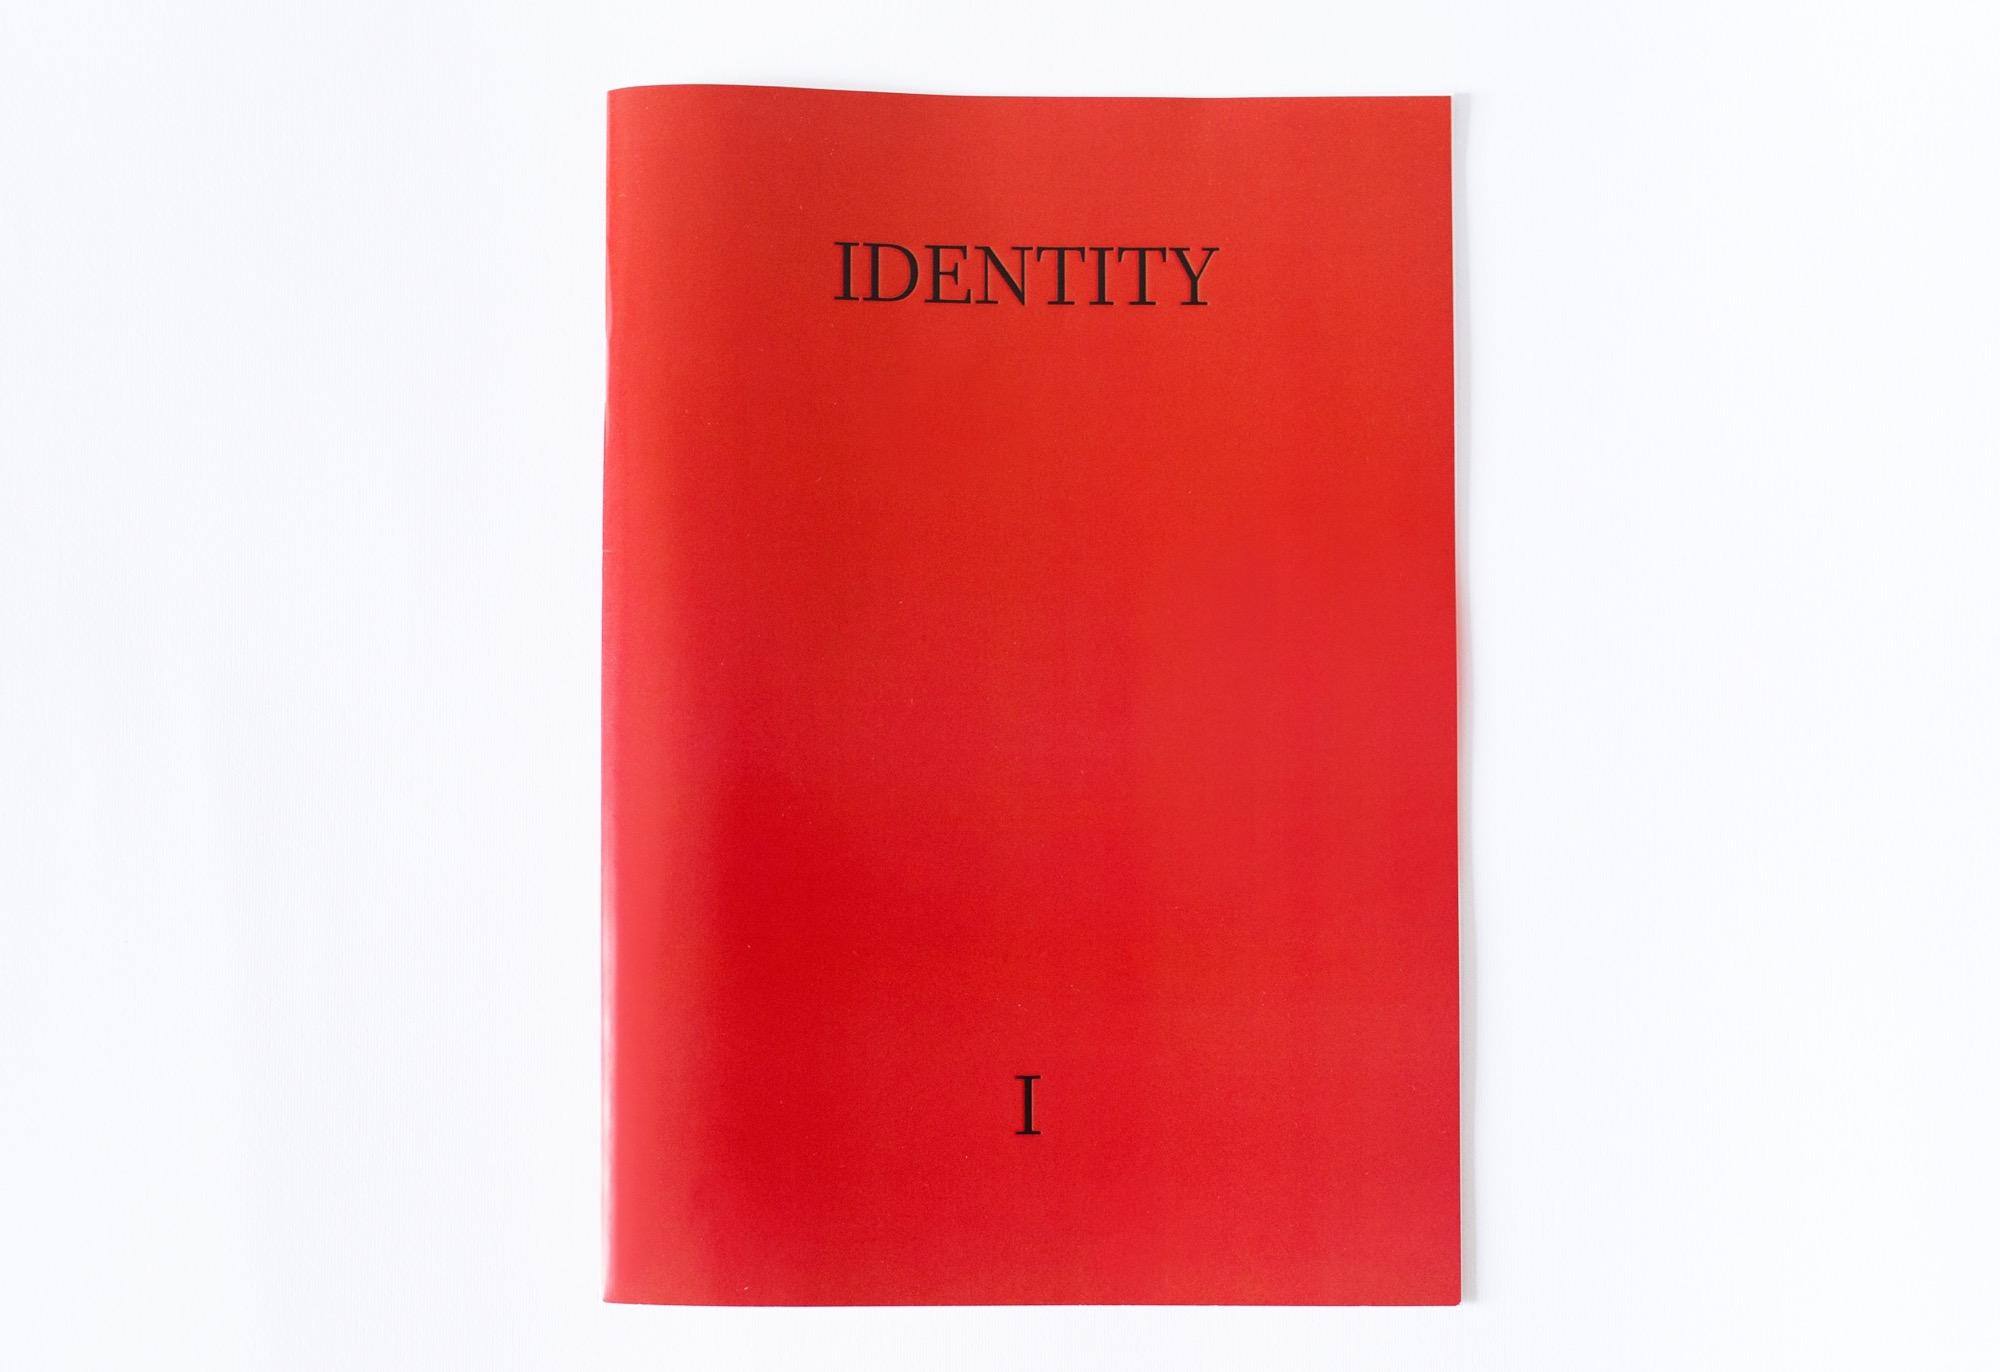 identity fanzine 1